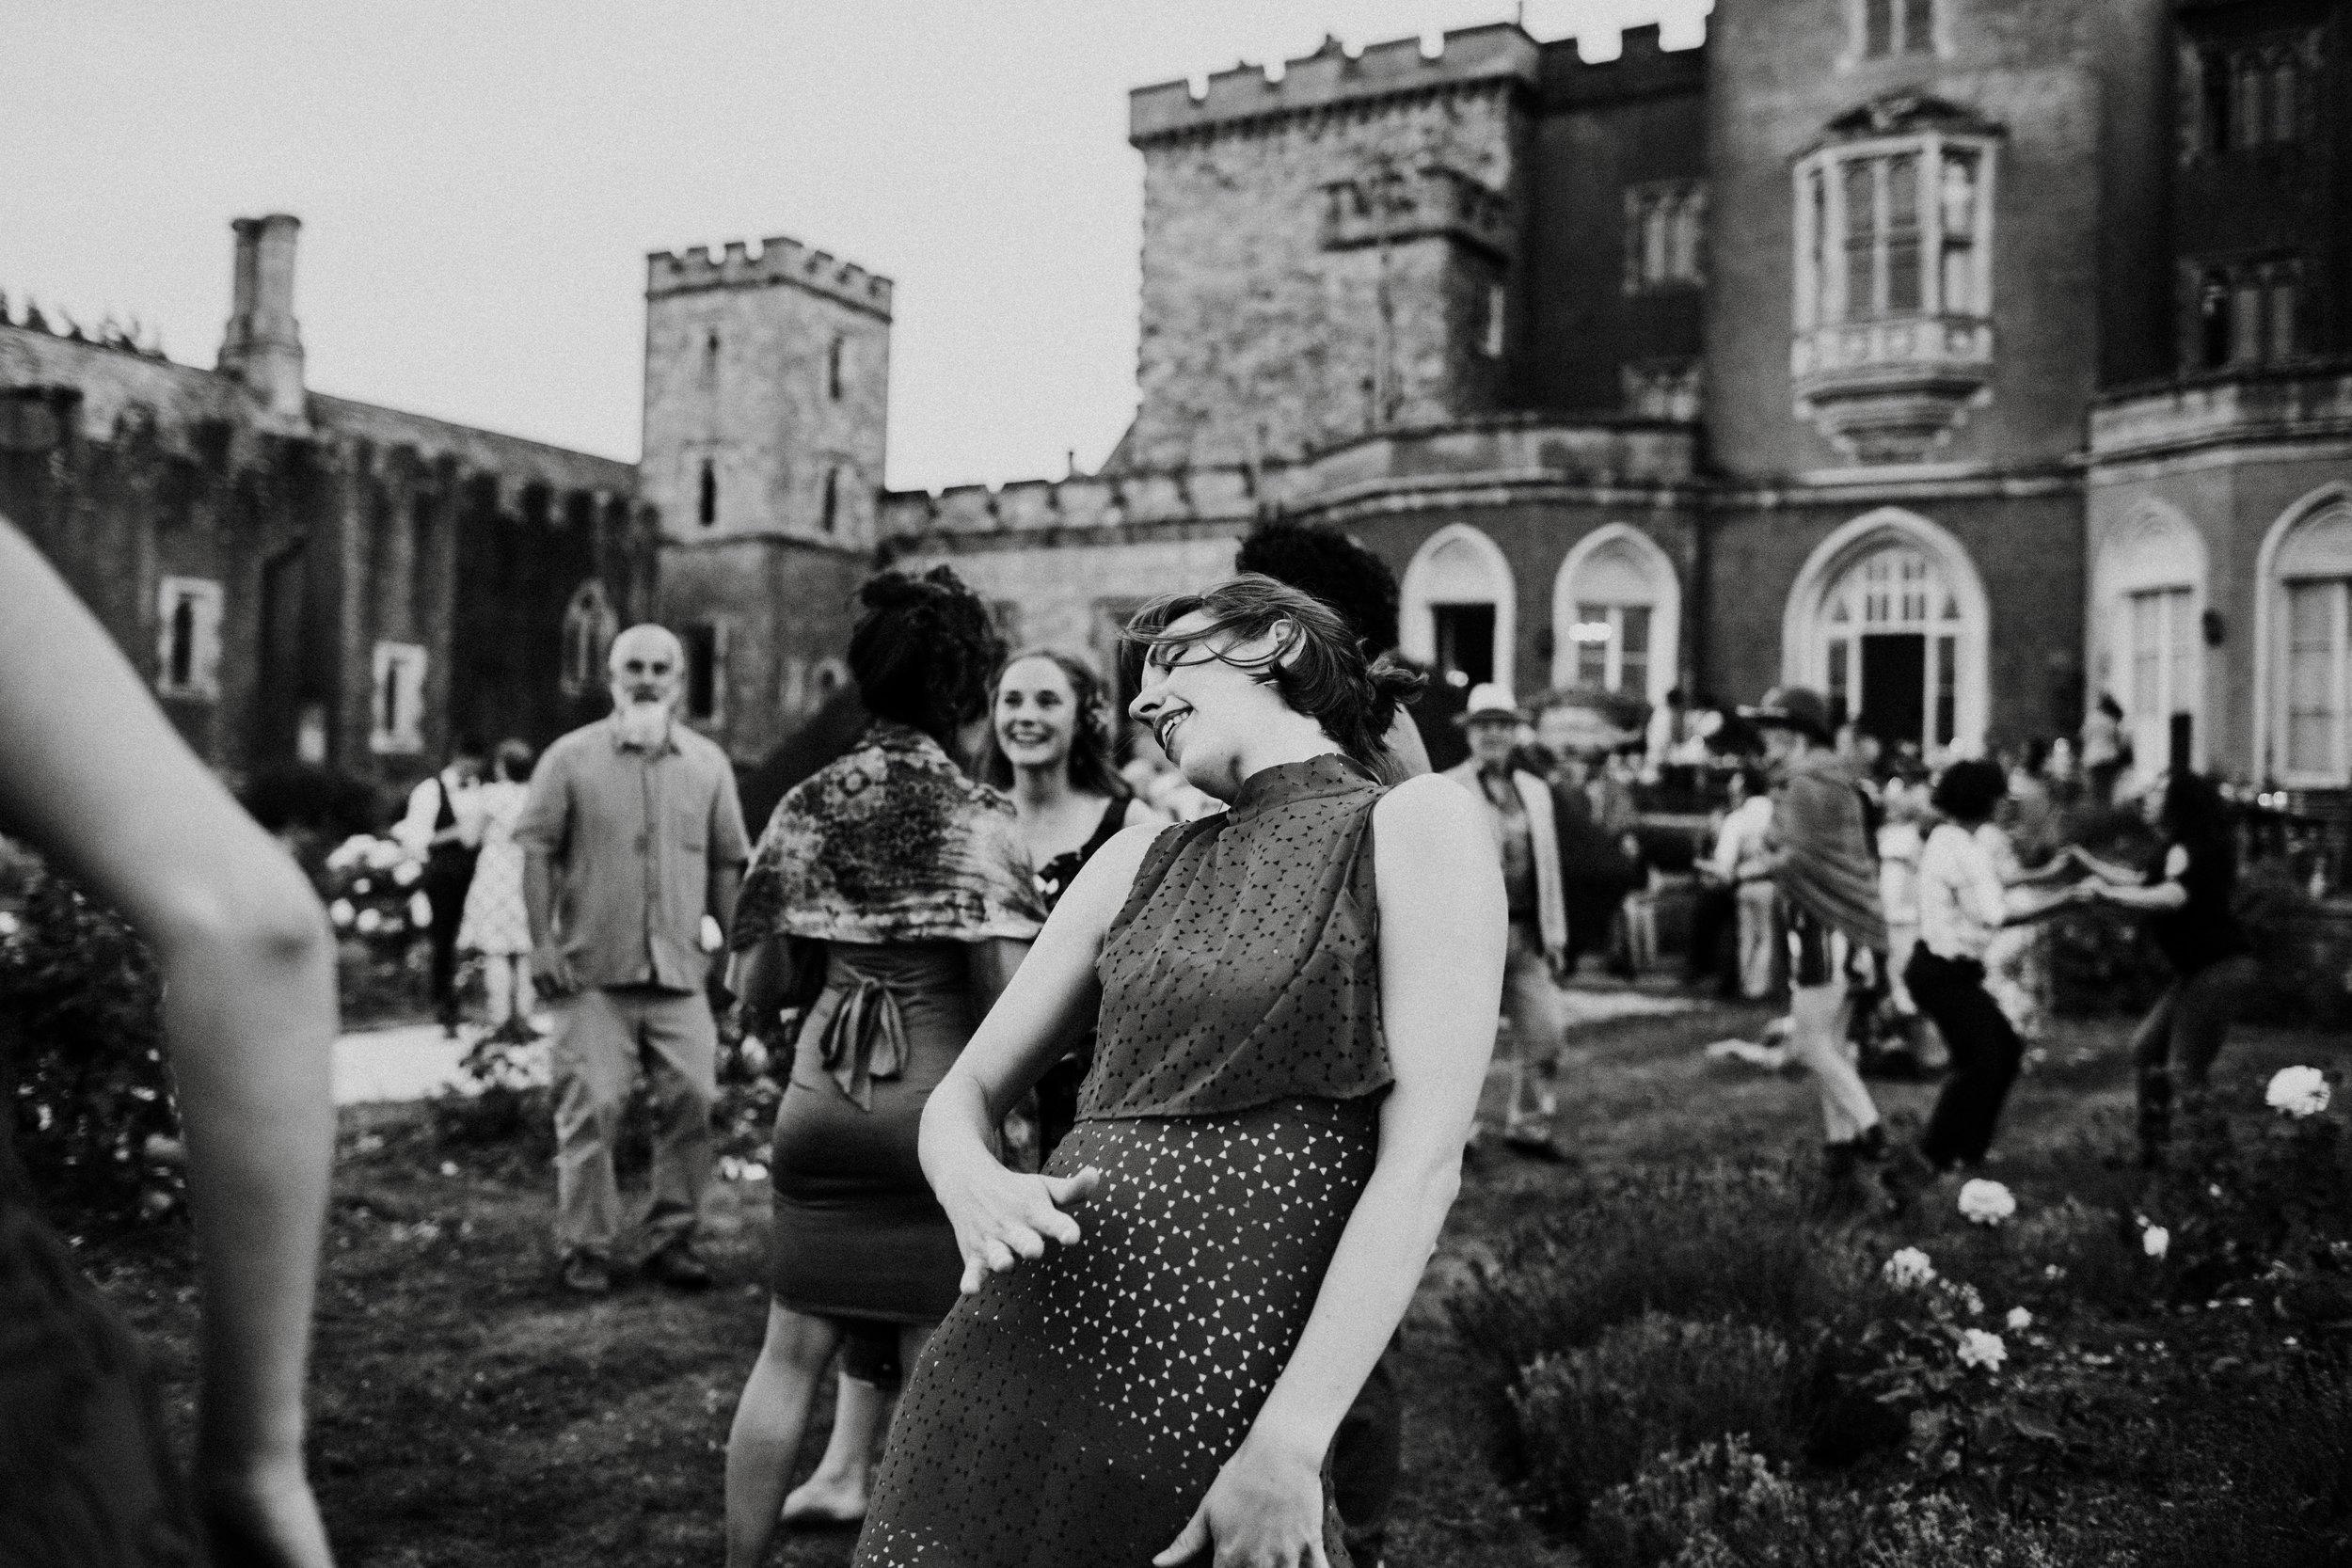 powderham castle wedding 34.jpg